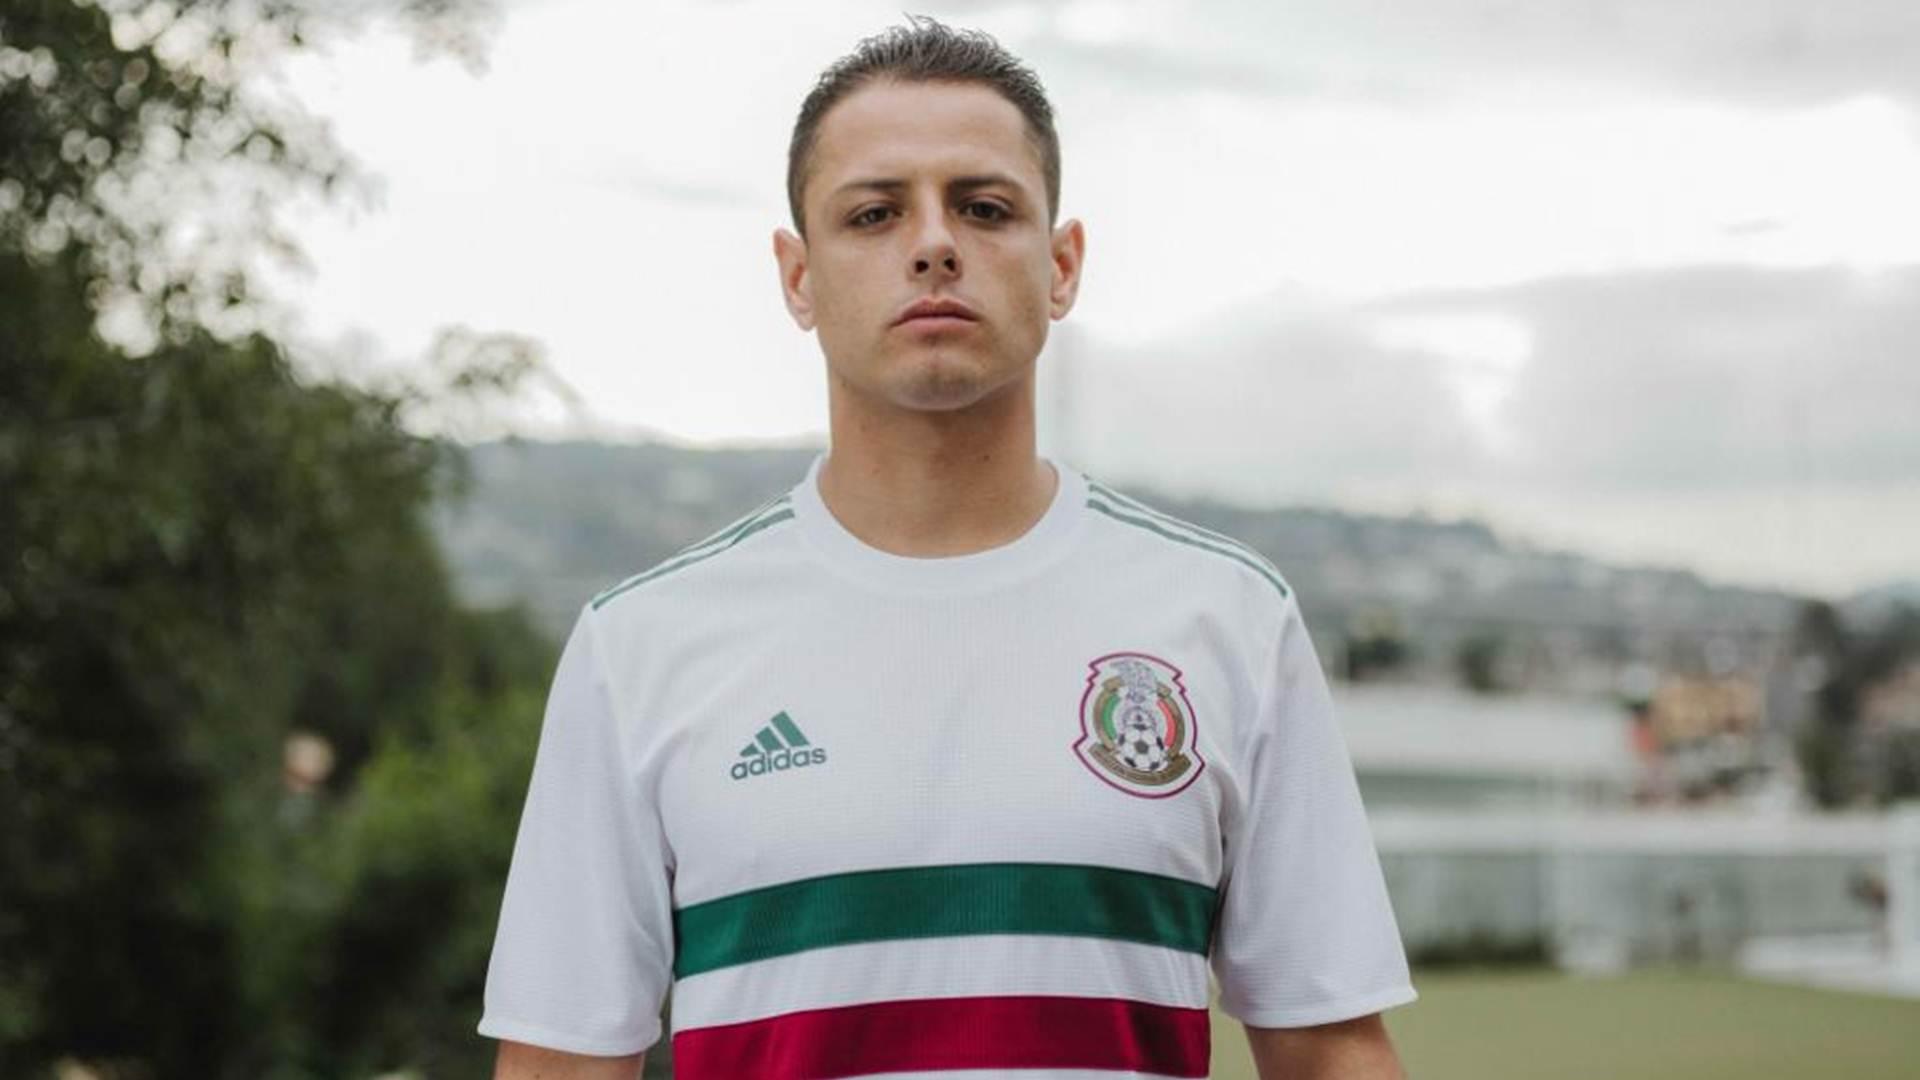 Adidas presenta camiseta de la selección mexicana inspirada en los años 70 #SoyMexico